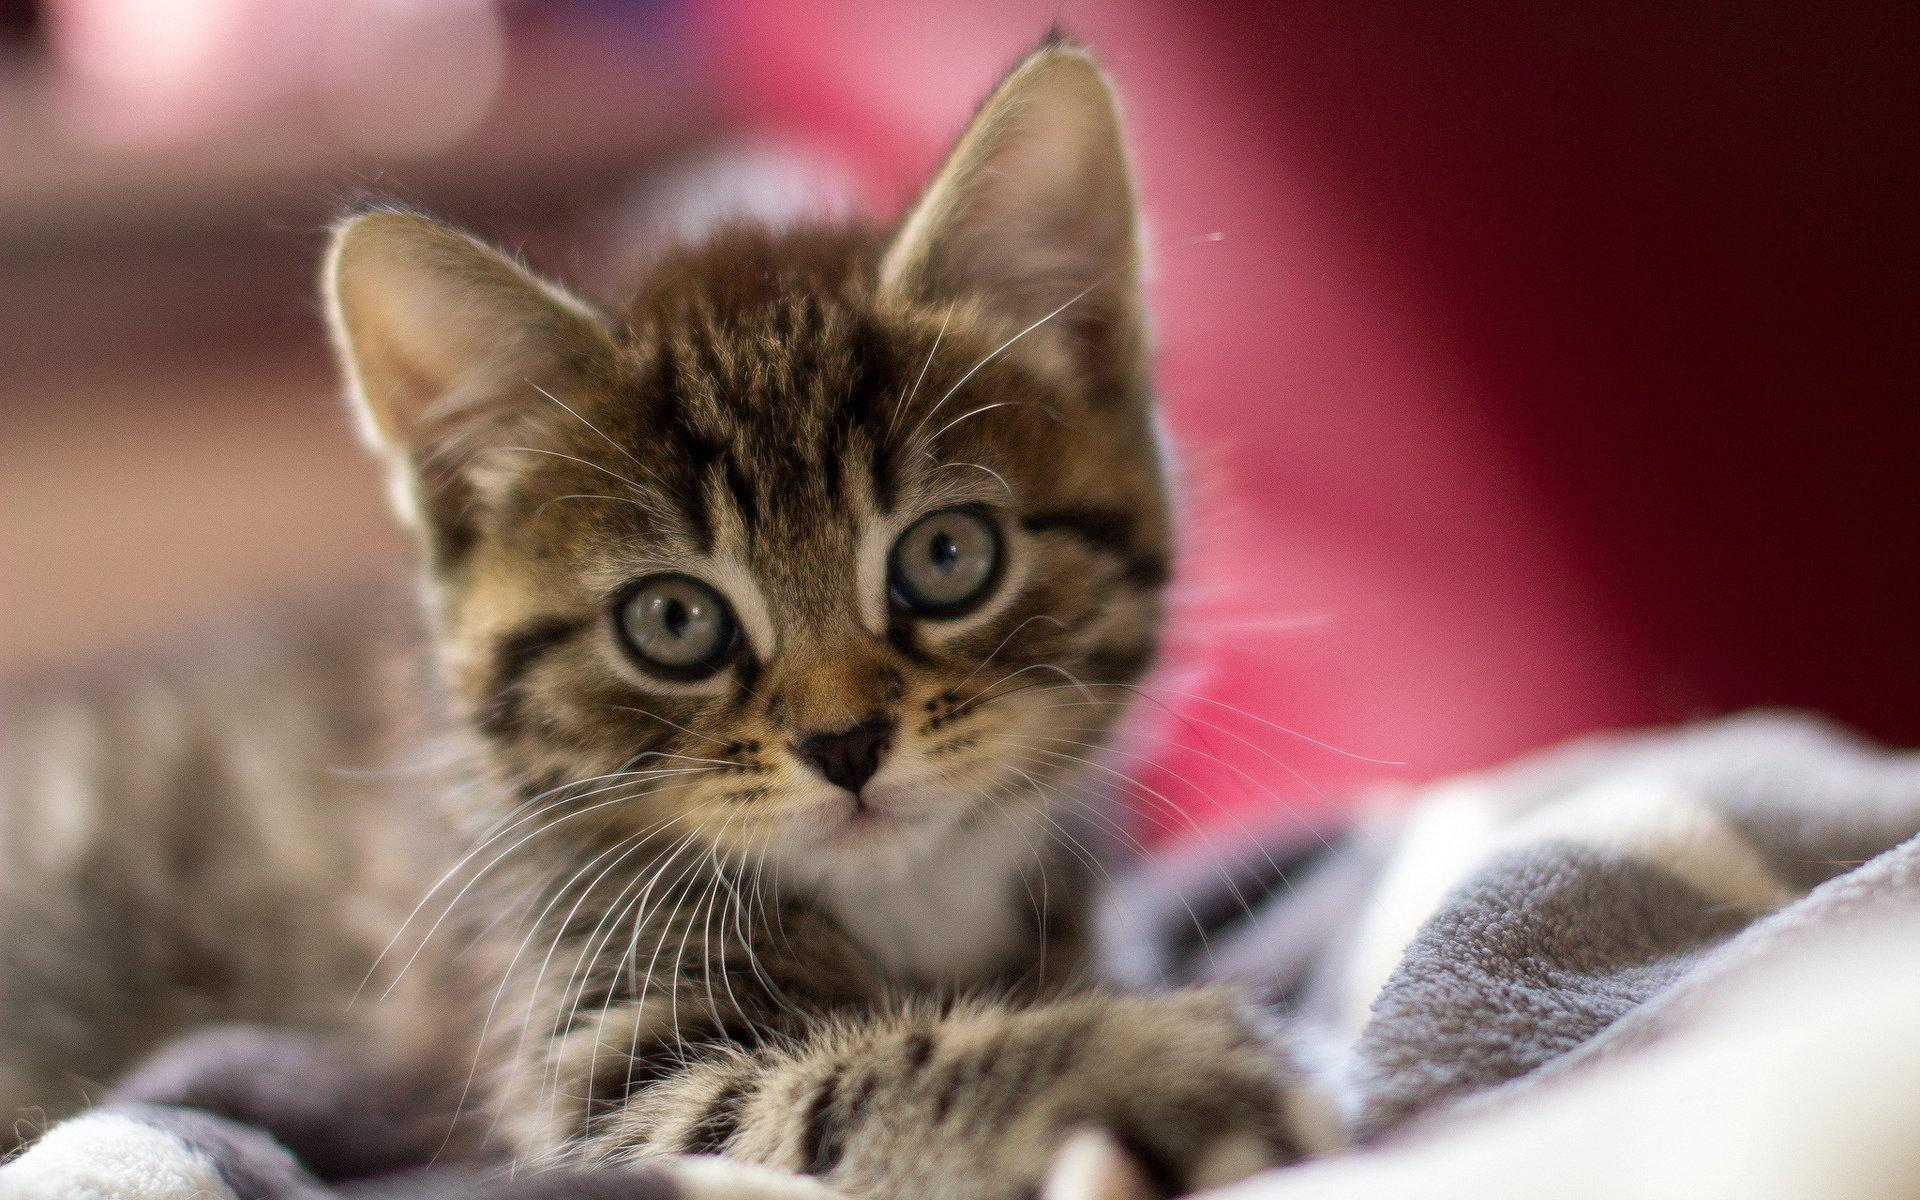 tải ảnh mèo con dễ thương